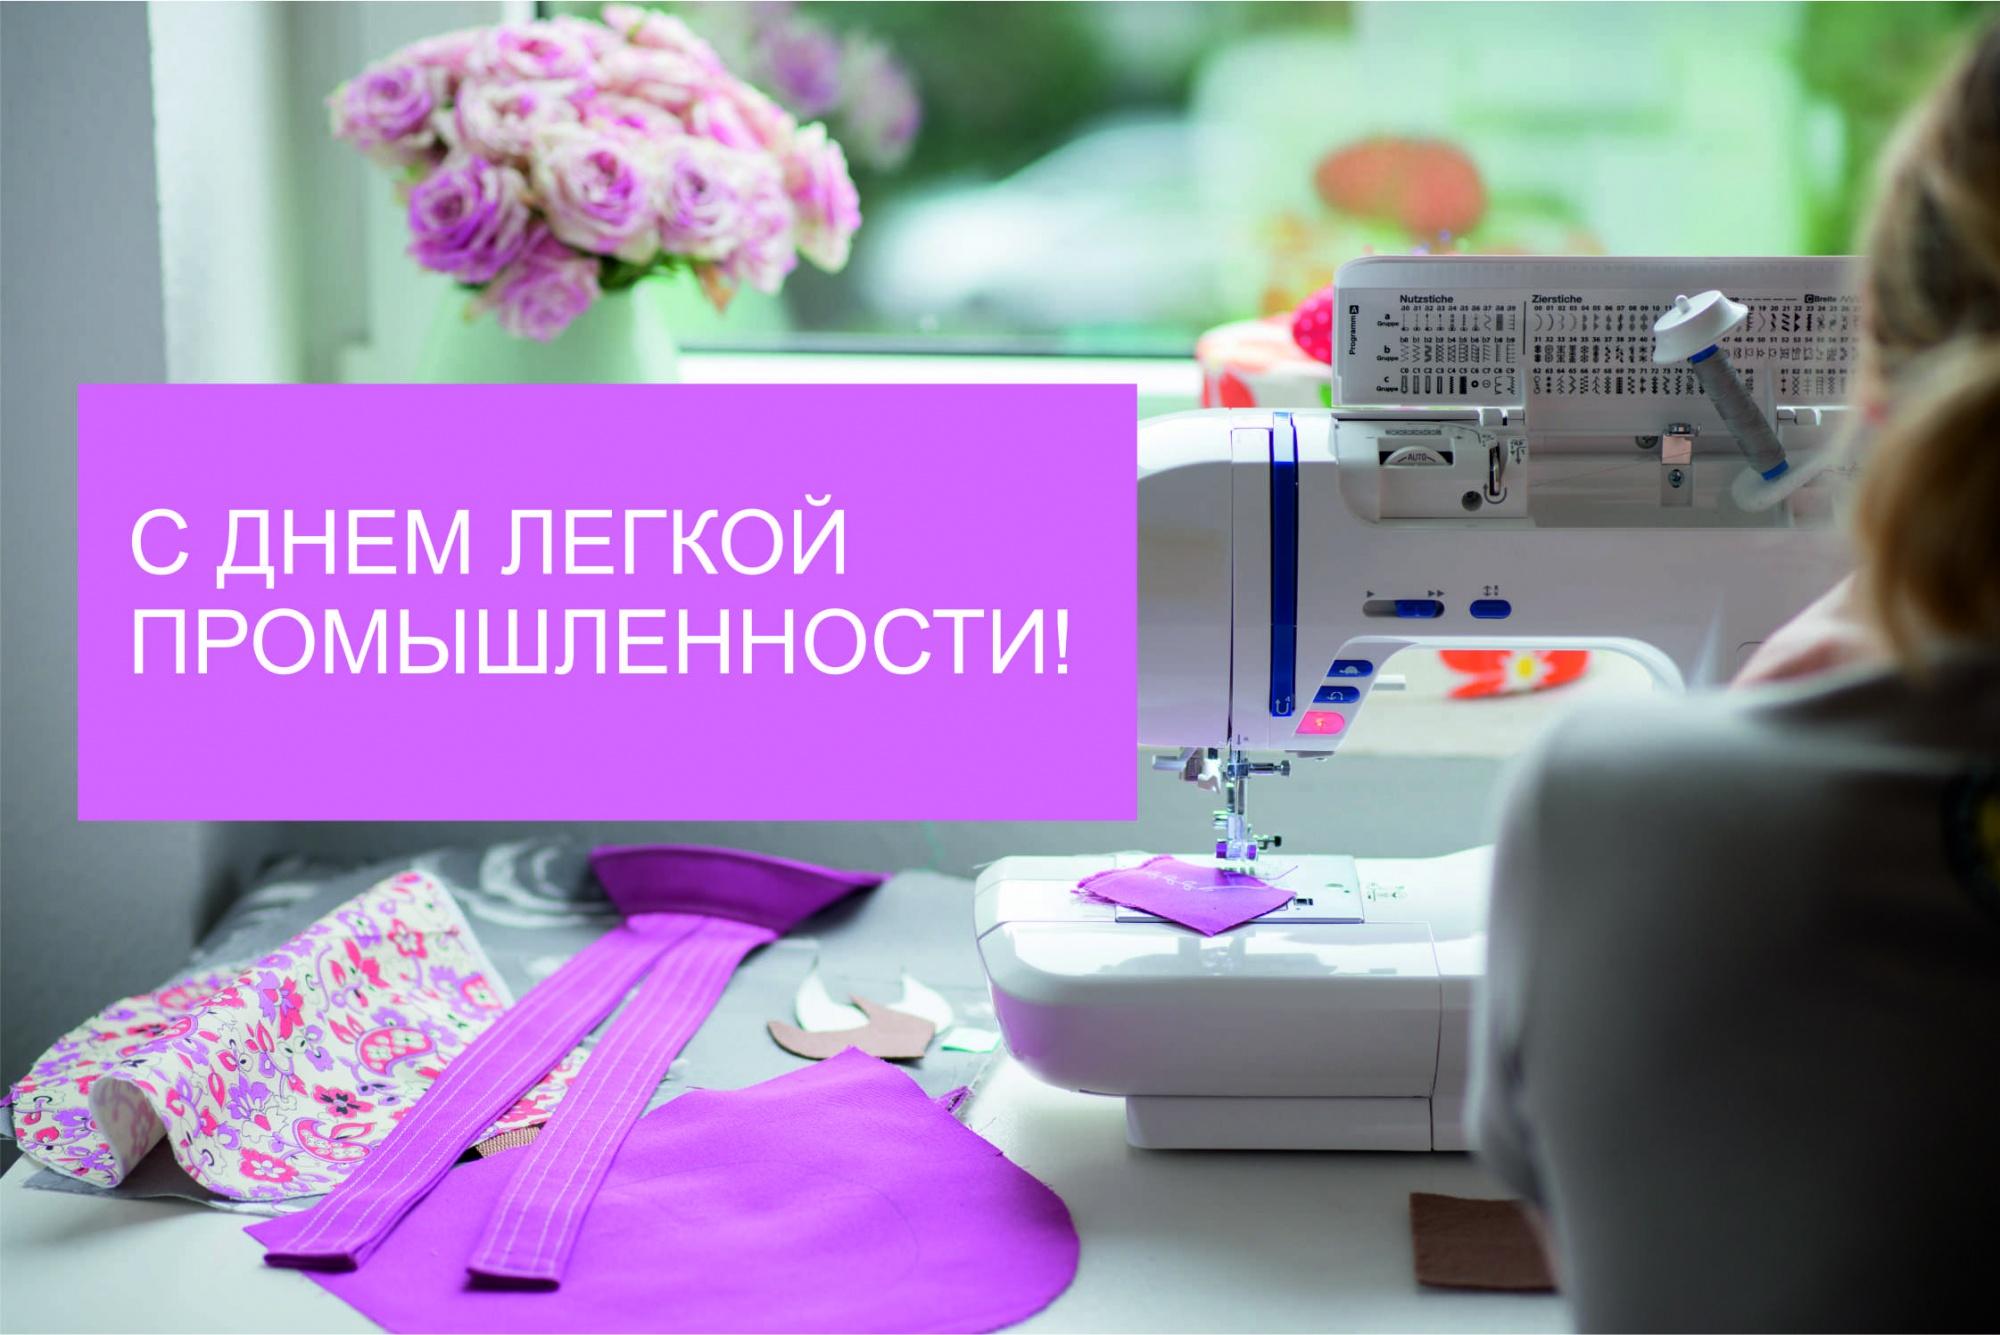 Поздравление к дню текстильной и легкой промышленности